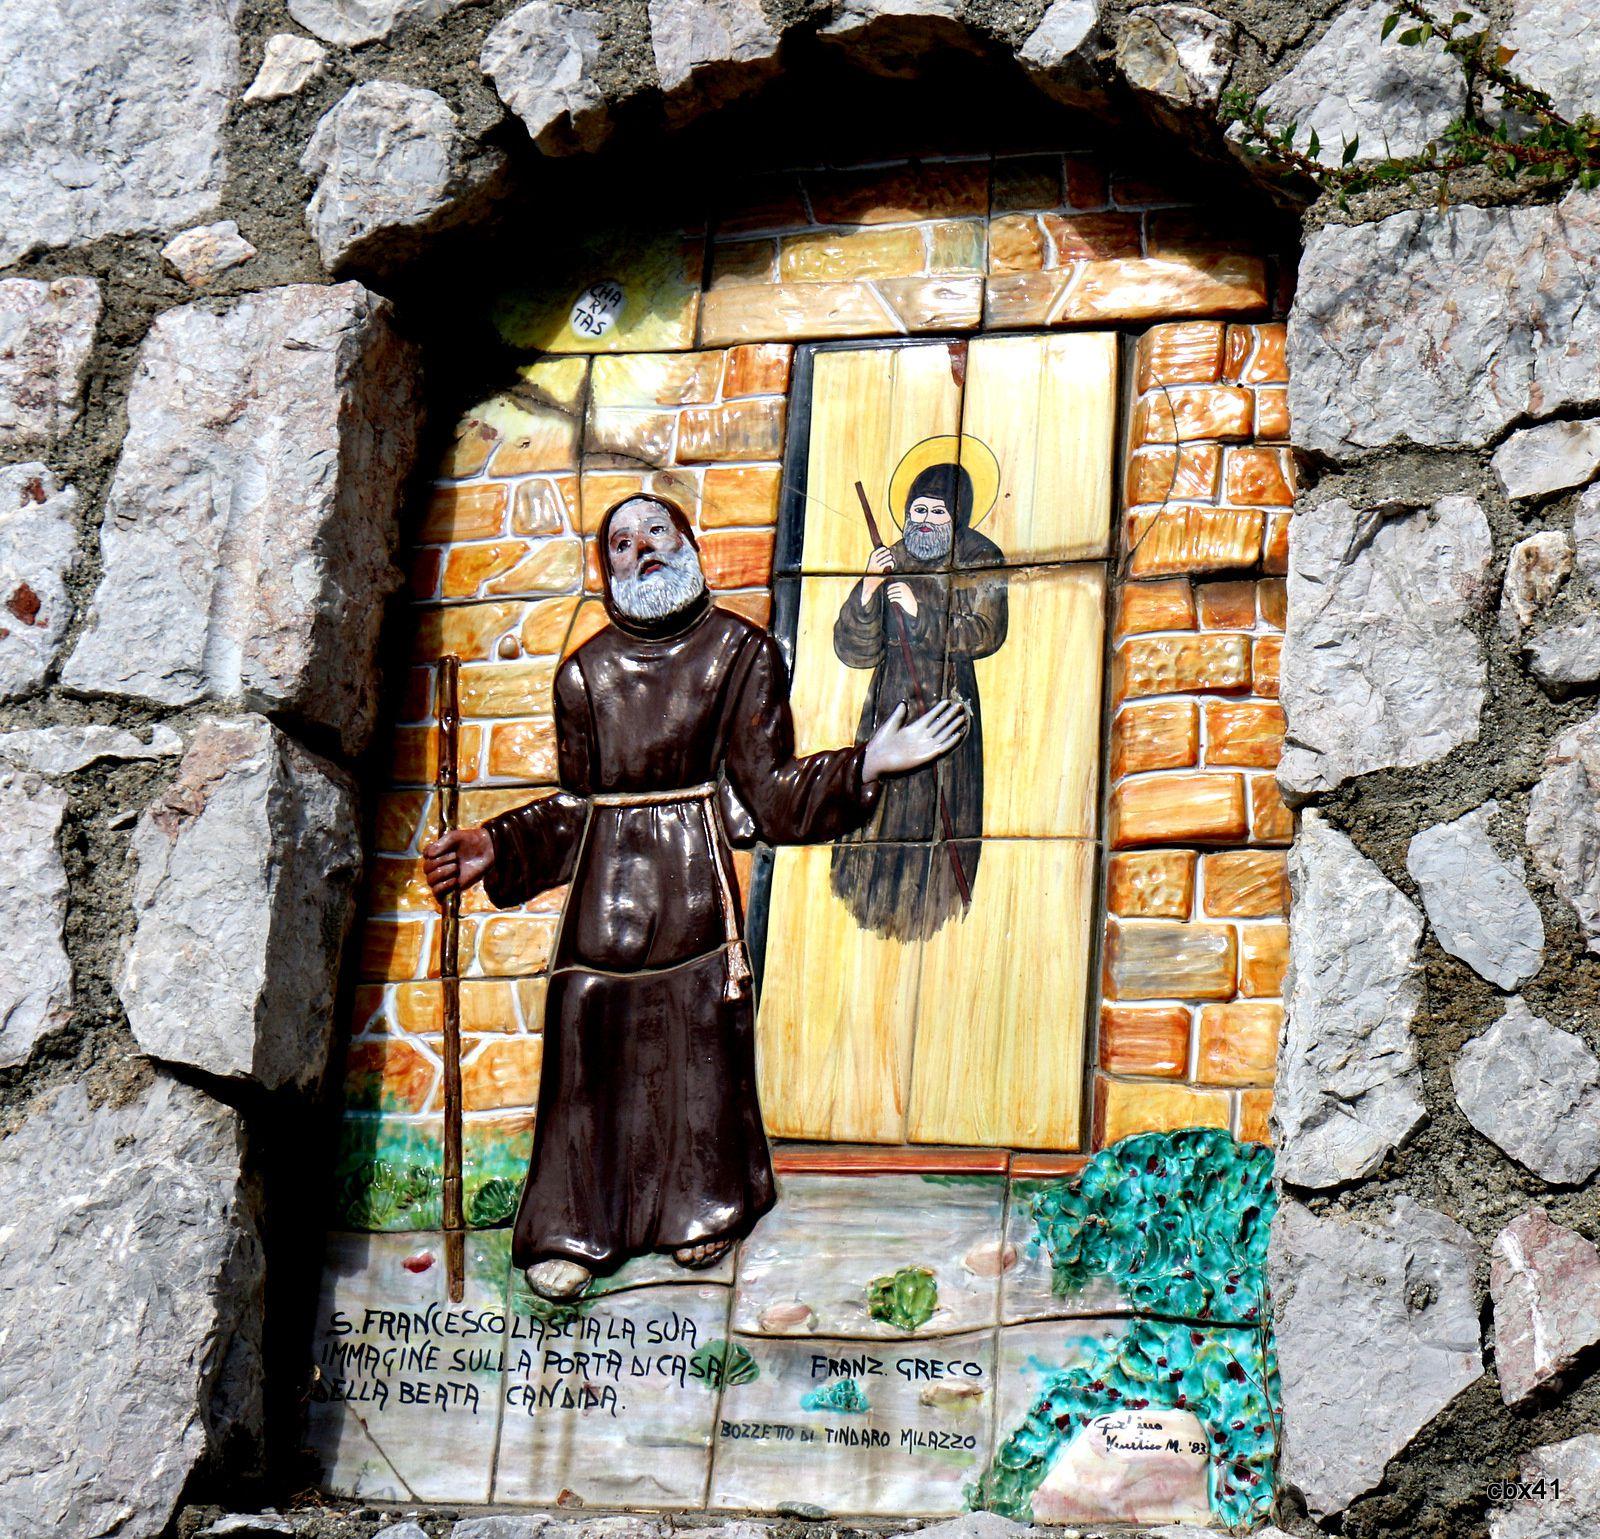 Francesco di Paola laissant son image sur une porte